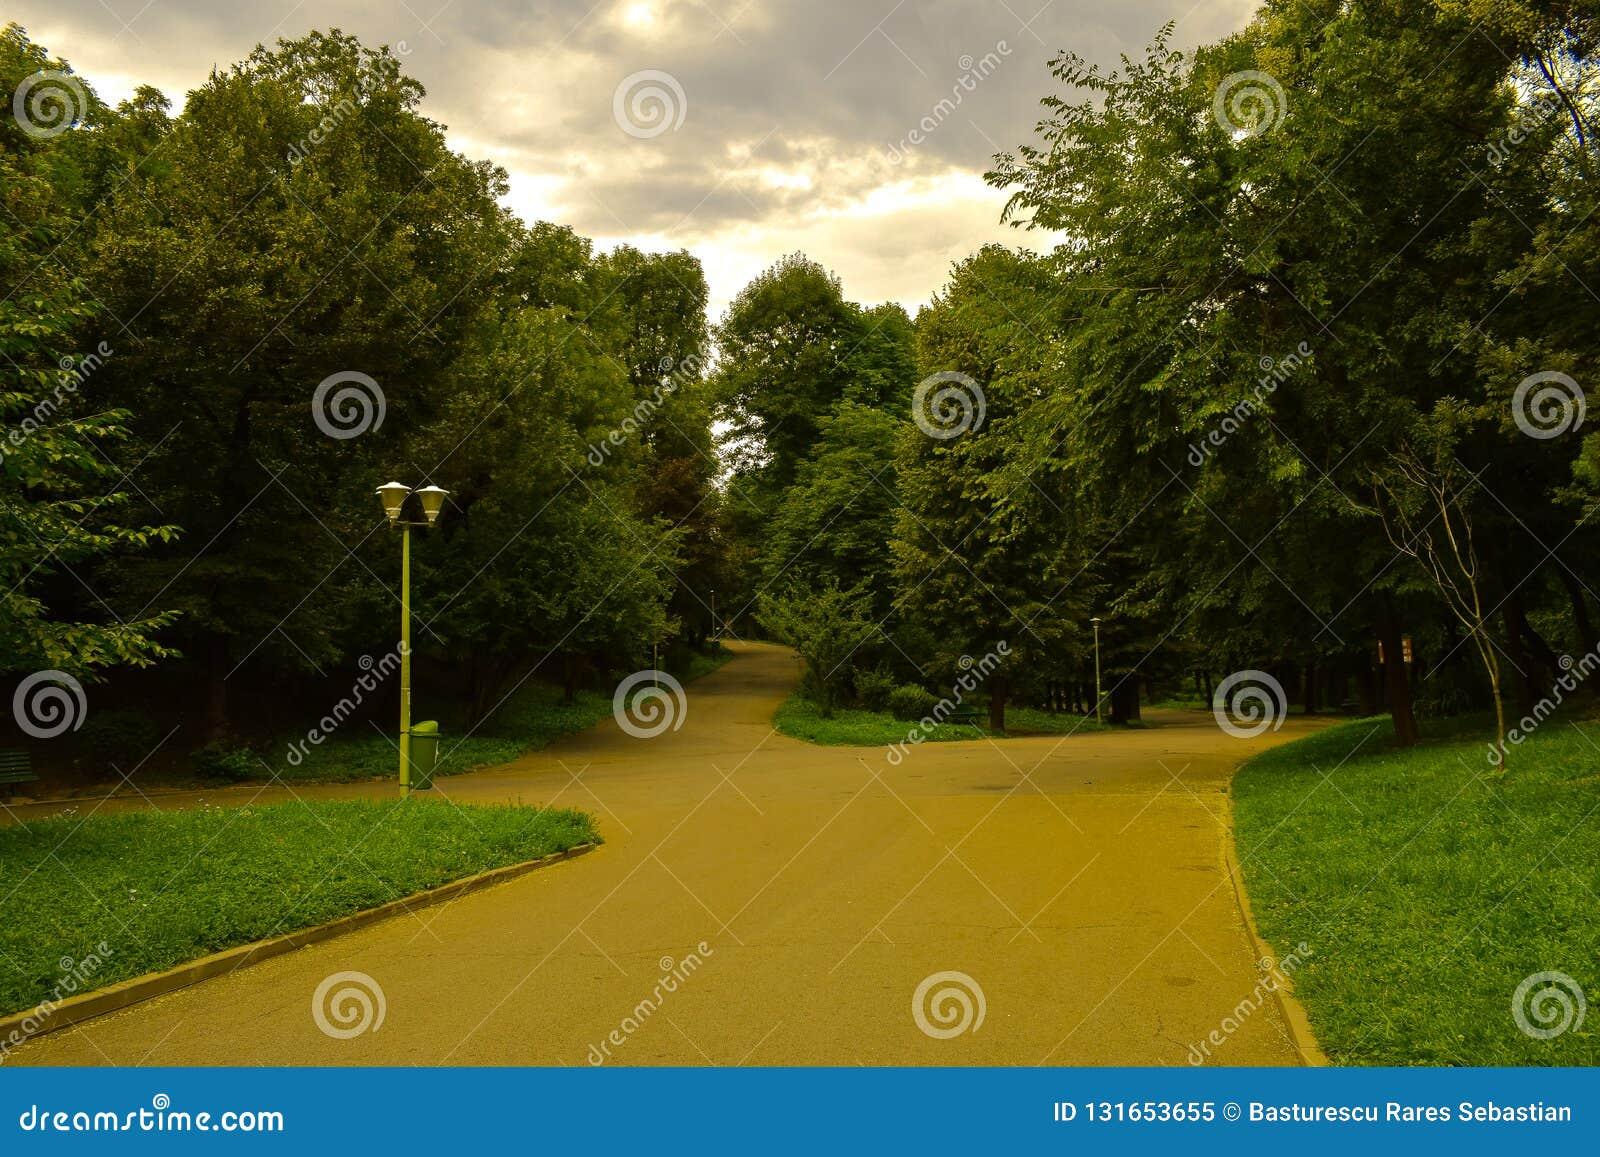 Allées de parc de ville un jour nuageux Forêt verte